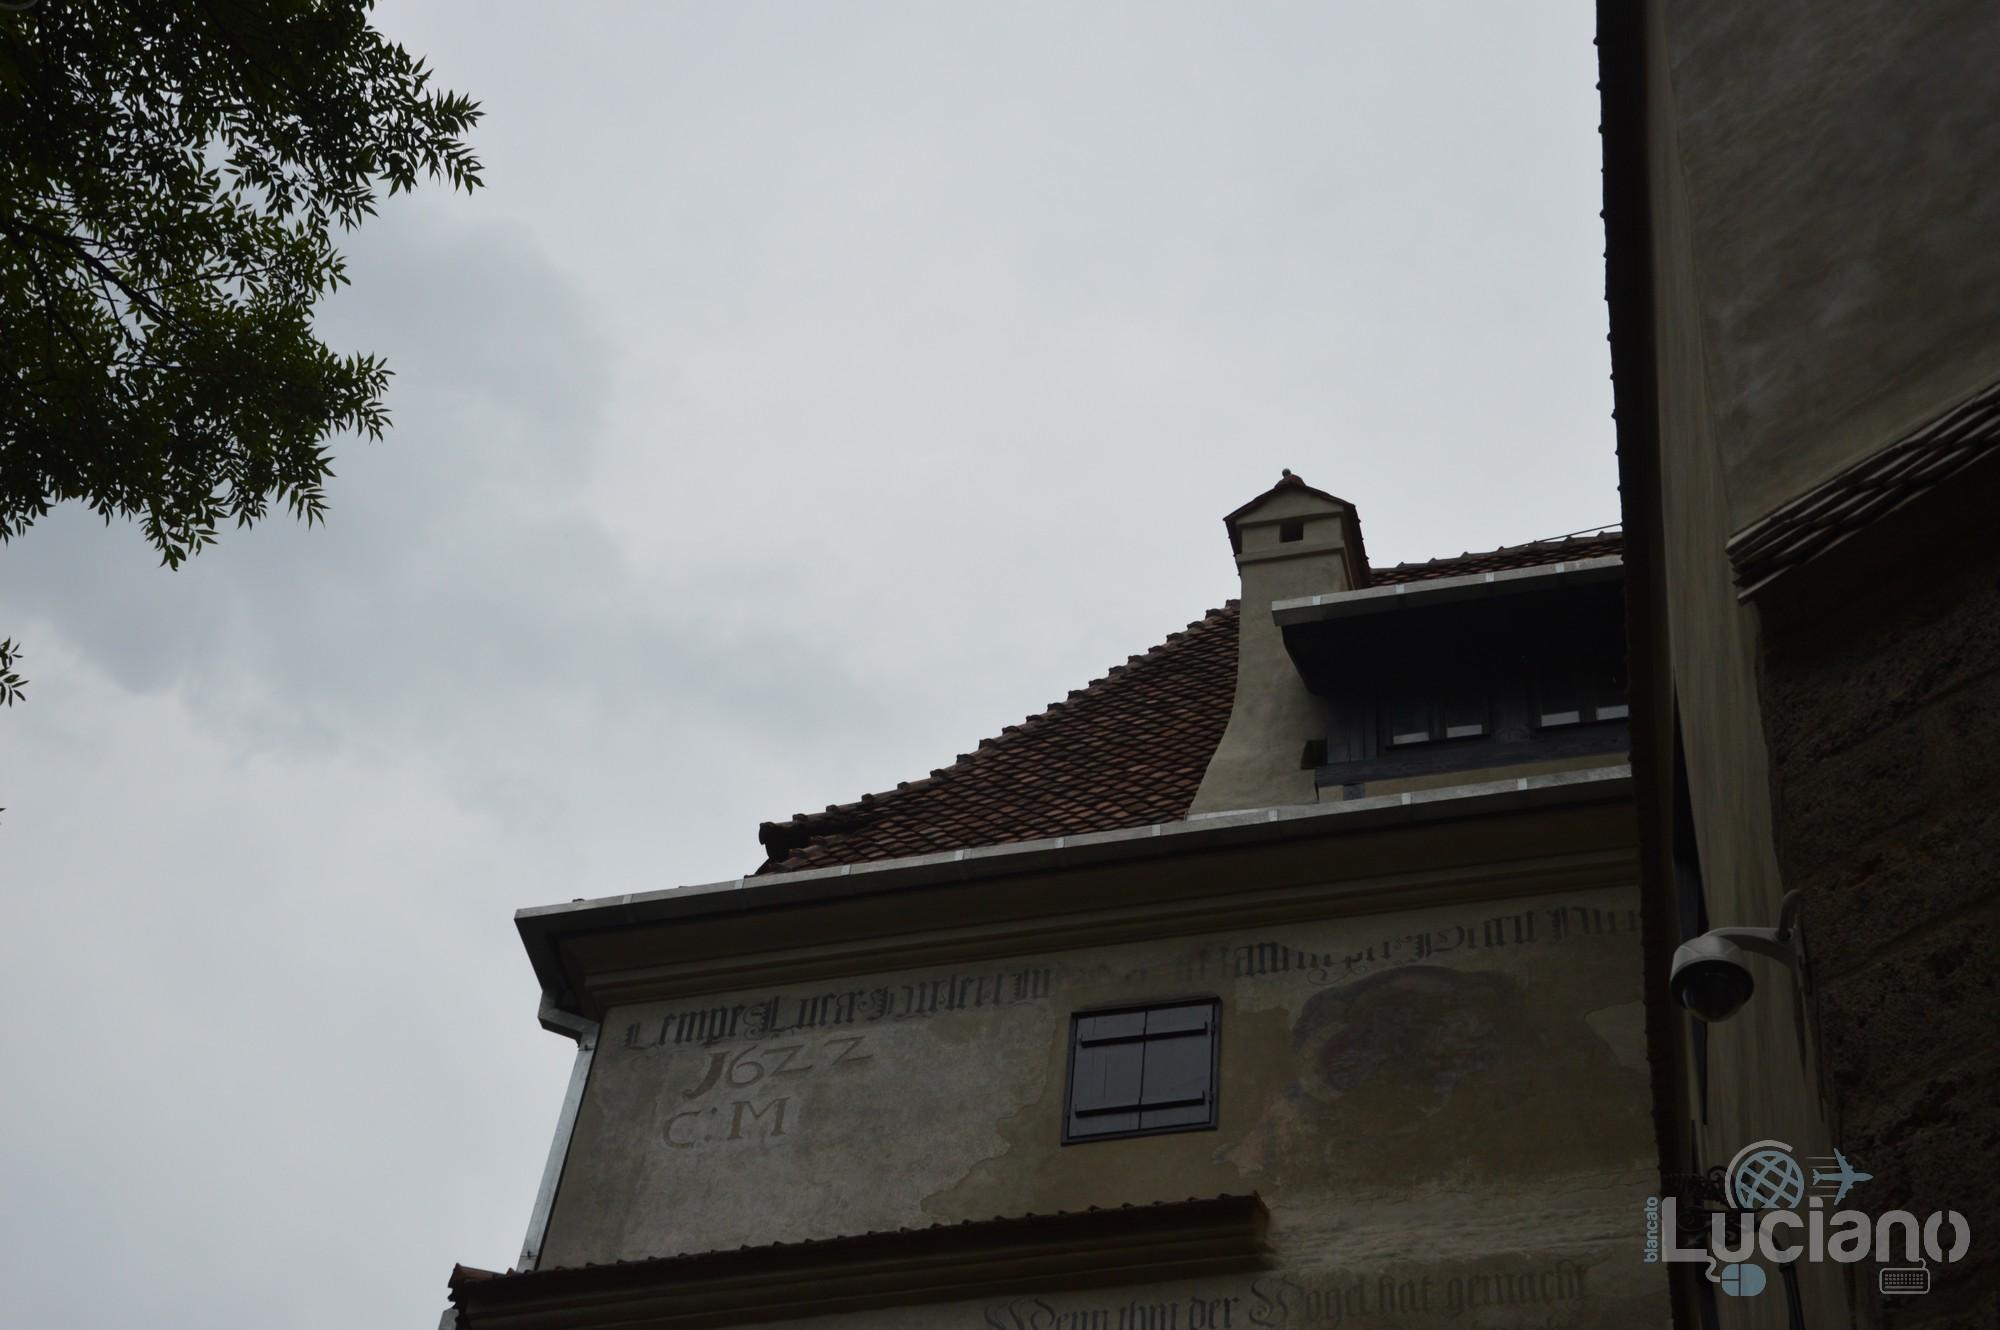 castello-di-dracula-castello-di-bran-luciano-blancato (26)